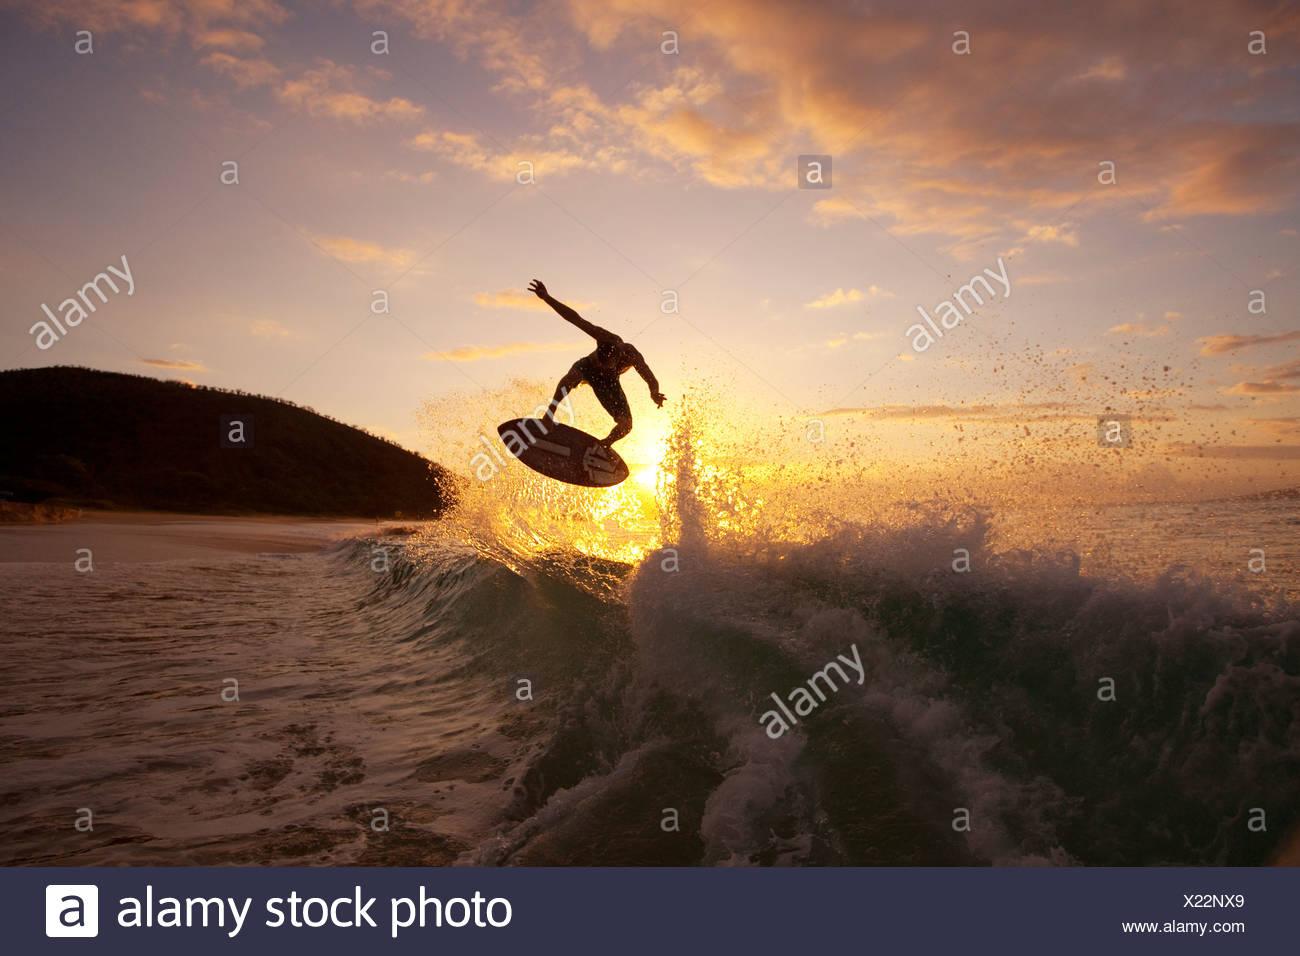 Hawaii, Maui, Makena, Skimboarder obtient Big Air déclenché une vague au coucher du soleil Photo Stock